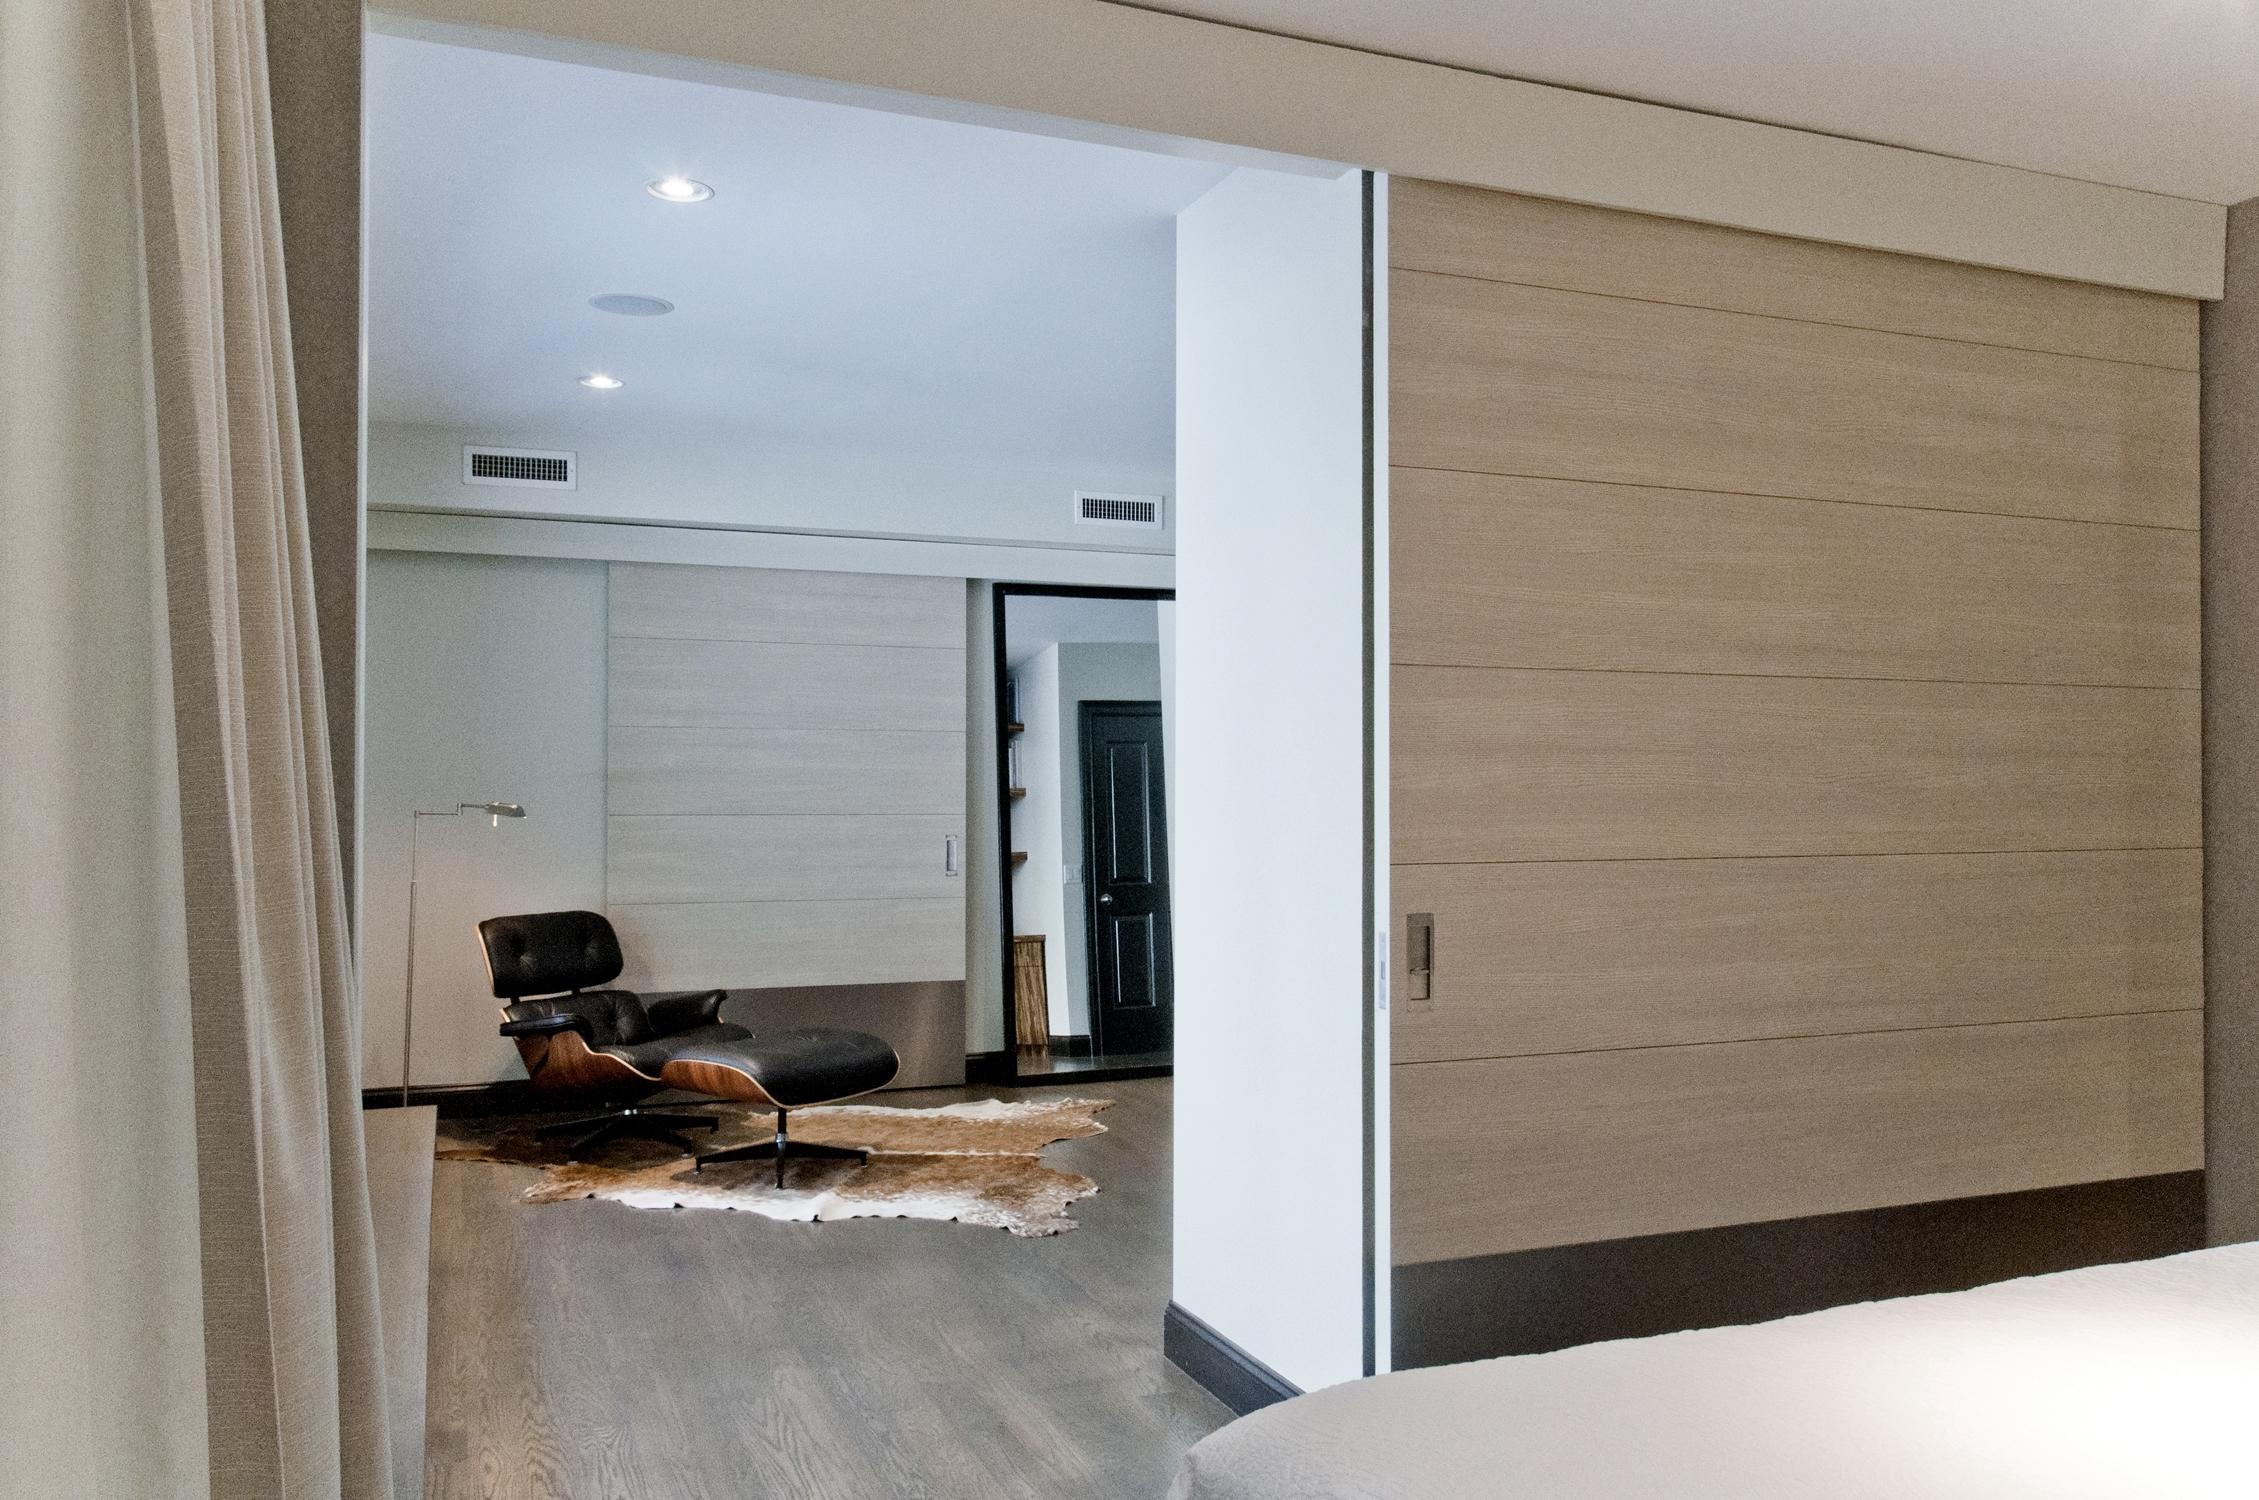 Interior Top Hung Sliding Doors2259 X 1500